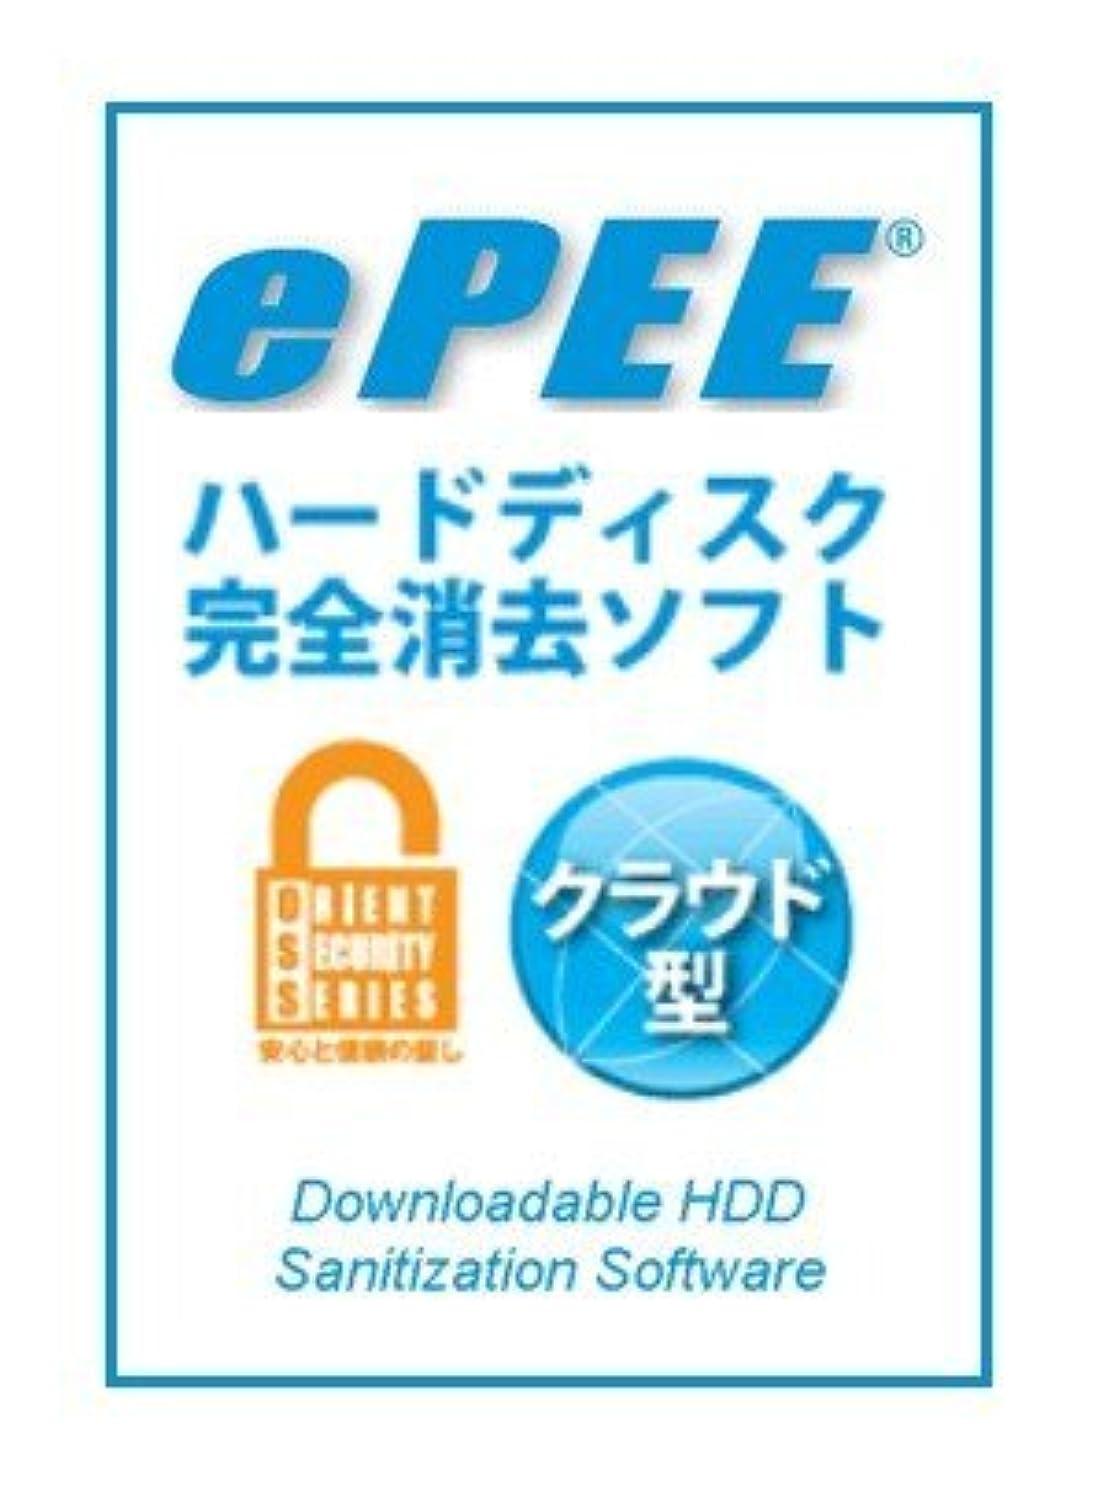 ロール控えめな宝石ORiENT computer ePEE(Perfect Easy Eraser?)〔ハードディスク&SSDデータ完全消去ソフトウェア?シリアル番号カードのみ / 1ライセンス〕SOFT-ePEE5-LP-01